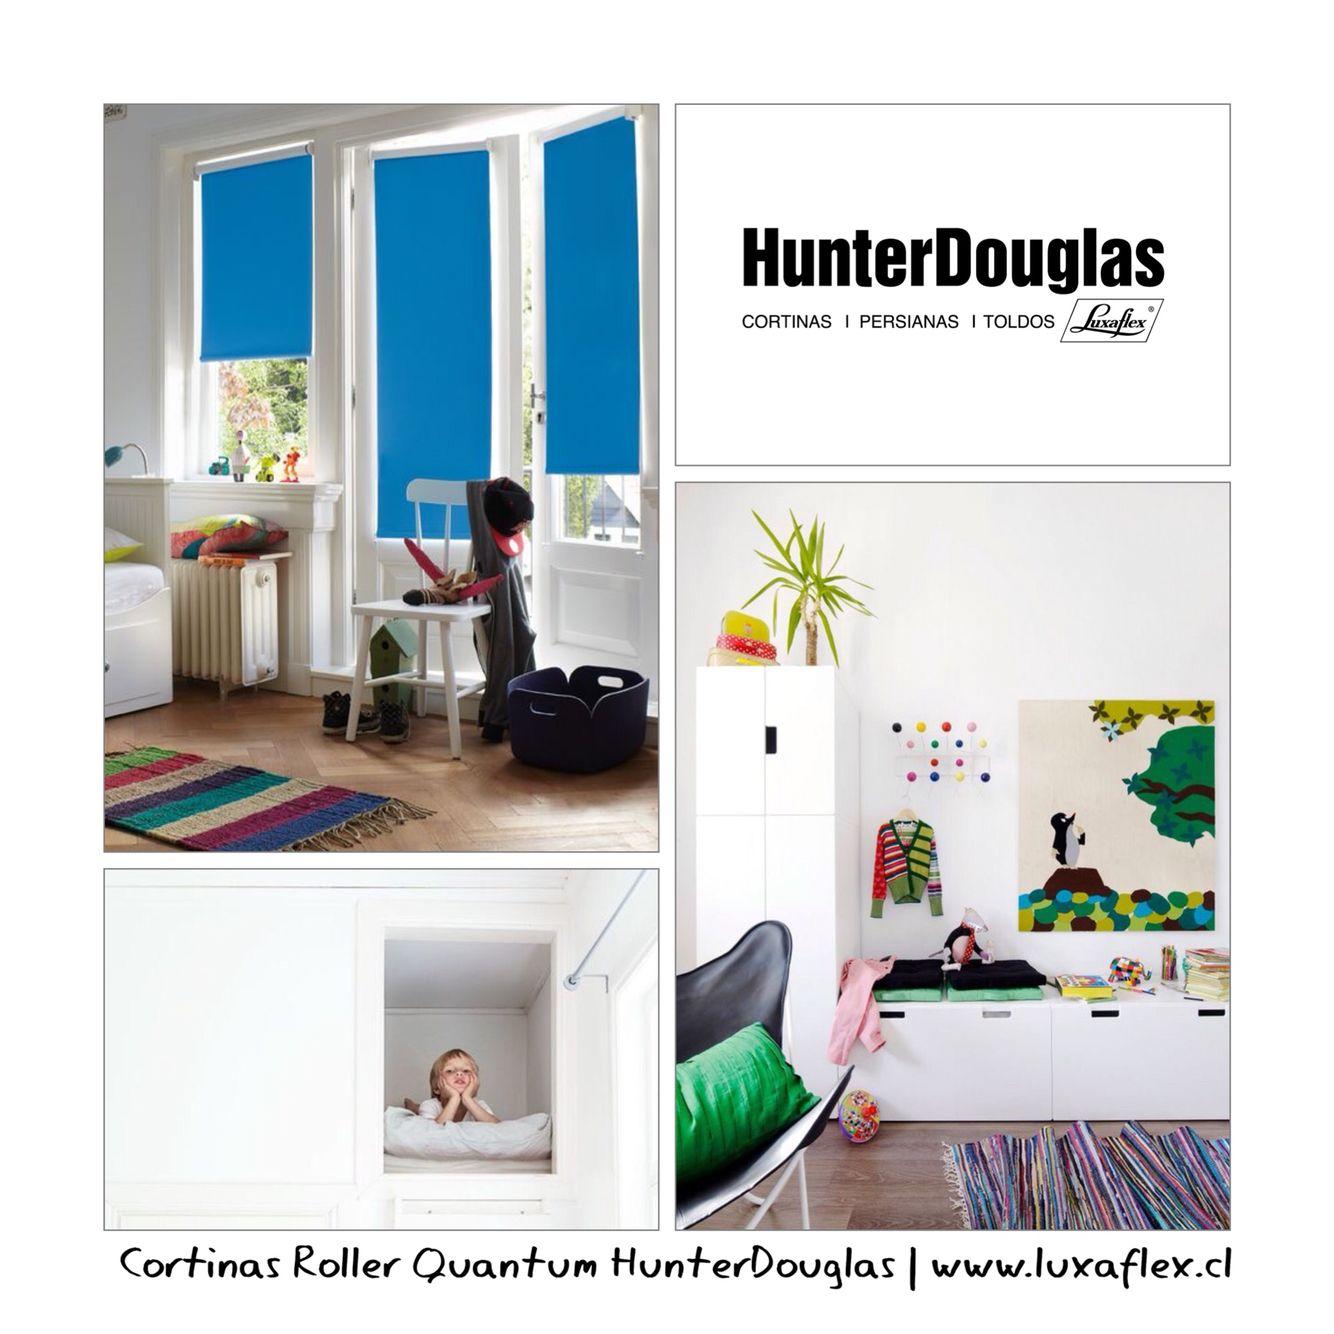 #Tip #KidsRoom #Roller #HunterDouglas #aprenderjugando El color azul estimula la creatividad.  www.luxaflex.cl